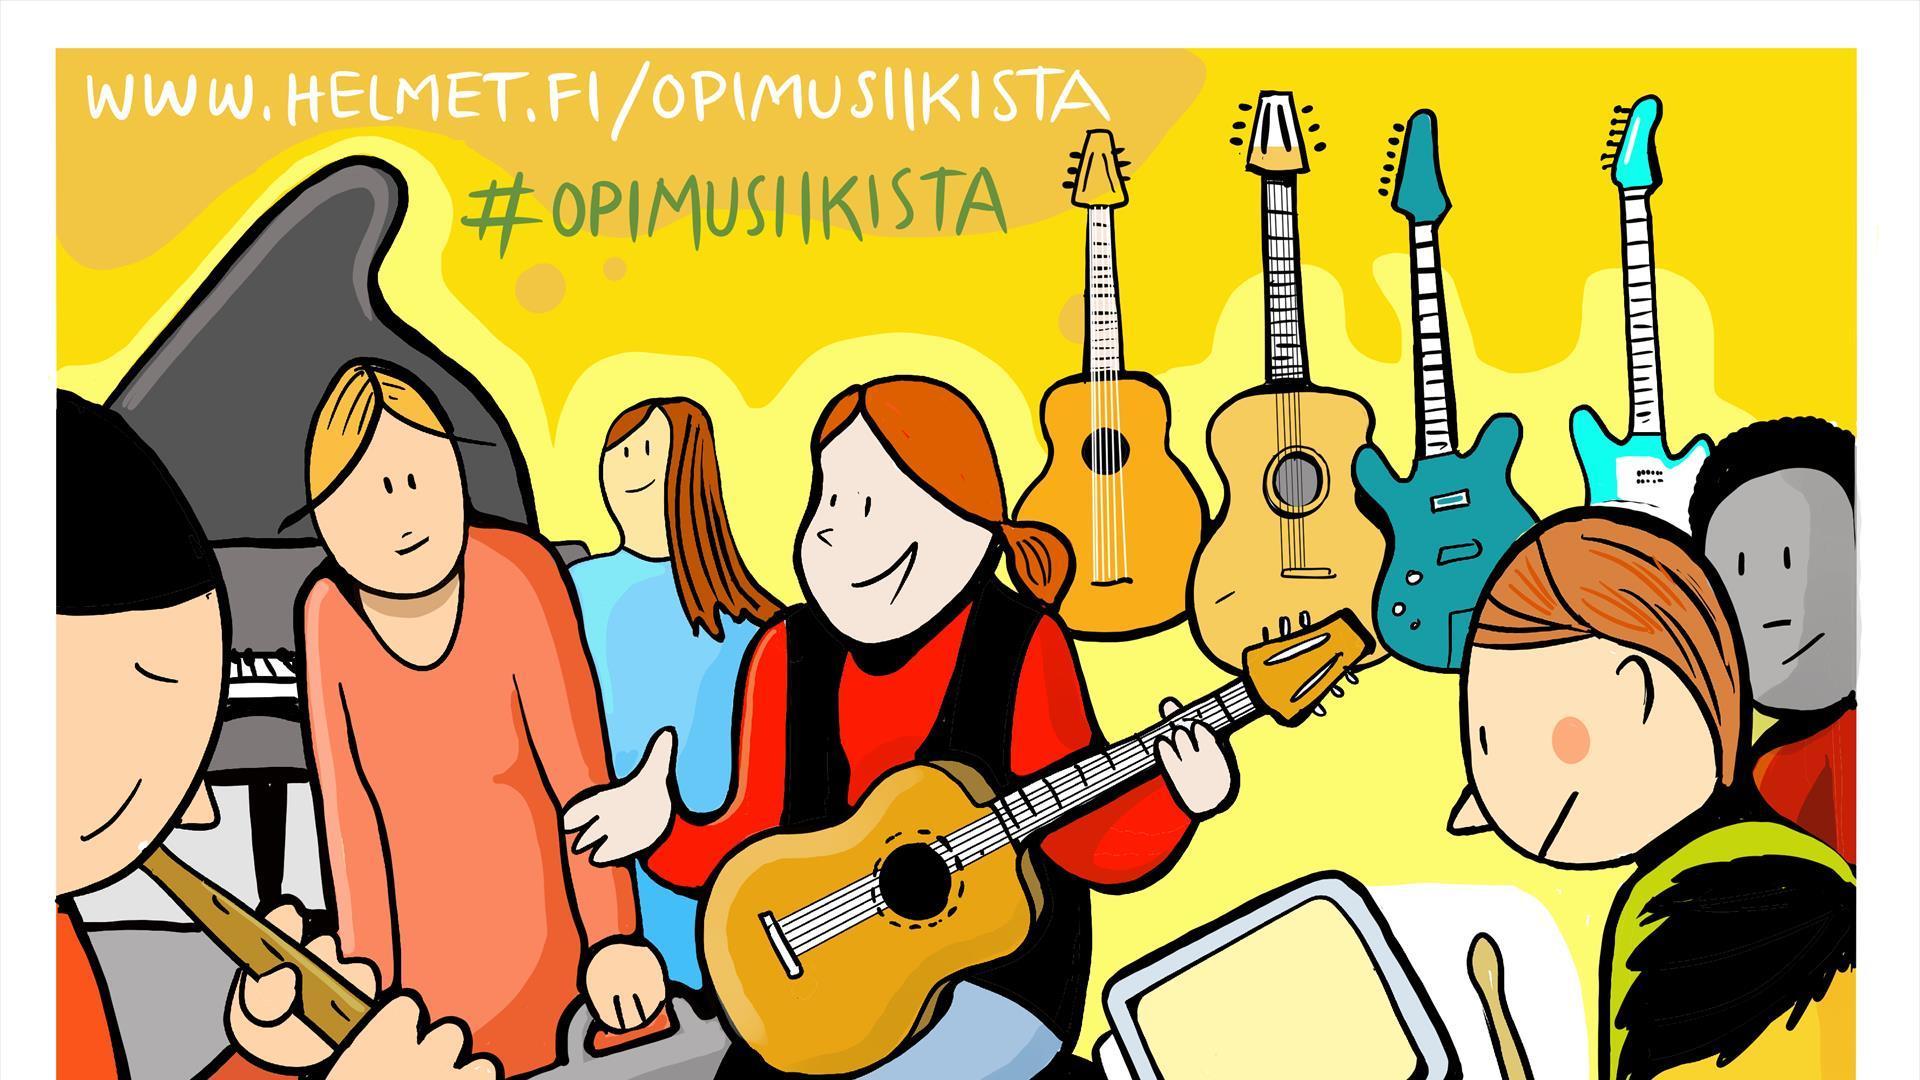 Linkki tapahtumaan Musapaja: Opi musiikista biisinteon kautta